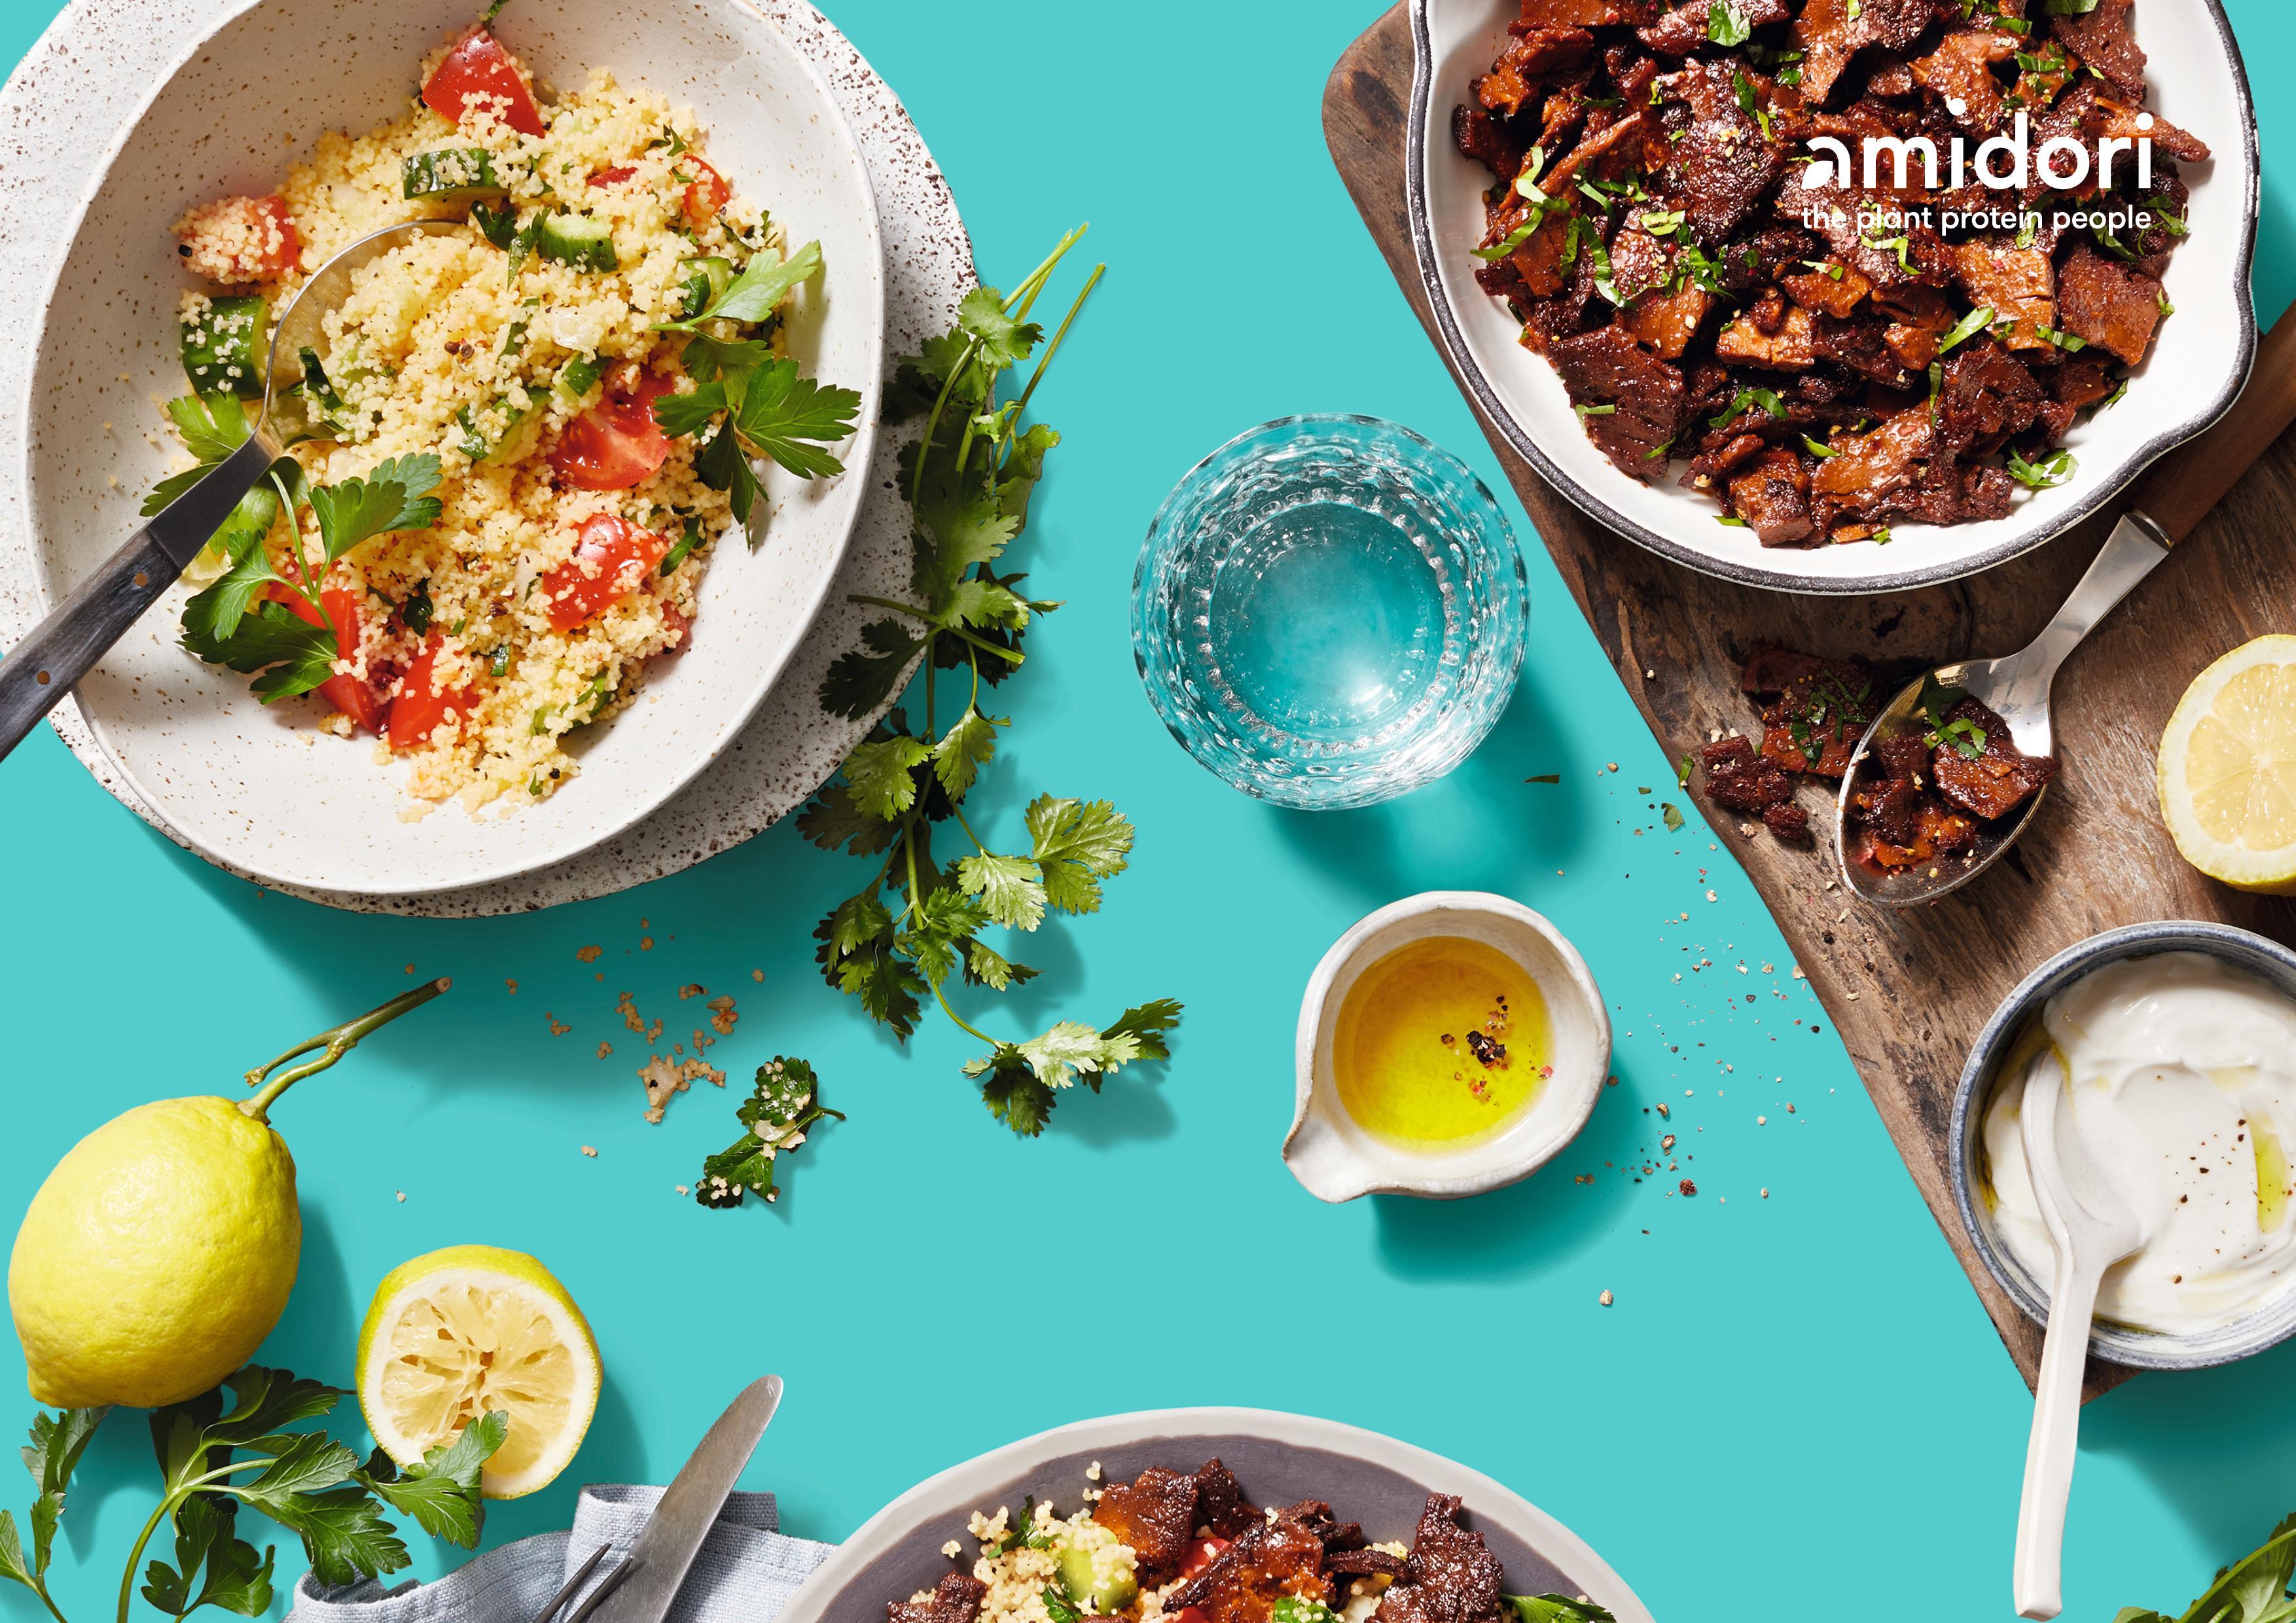 """Knackig, lecker und gesund: Amidori-Produkte enthalten Ballaststoffe und die volle Portion pflanzlicher Proteine. Einstieg in Lebensmittel-Zukunftsmarkt """"pflanzliche Proteine"""""""